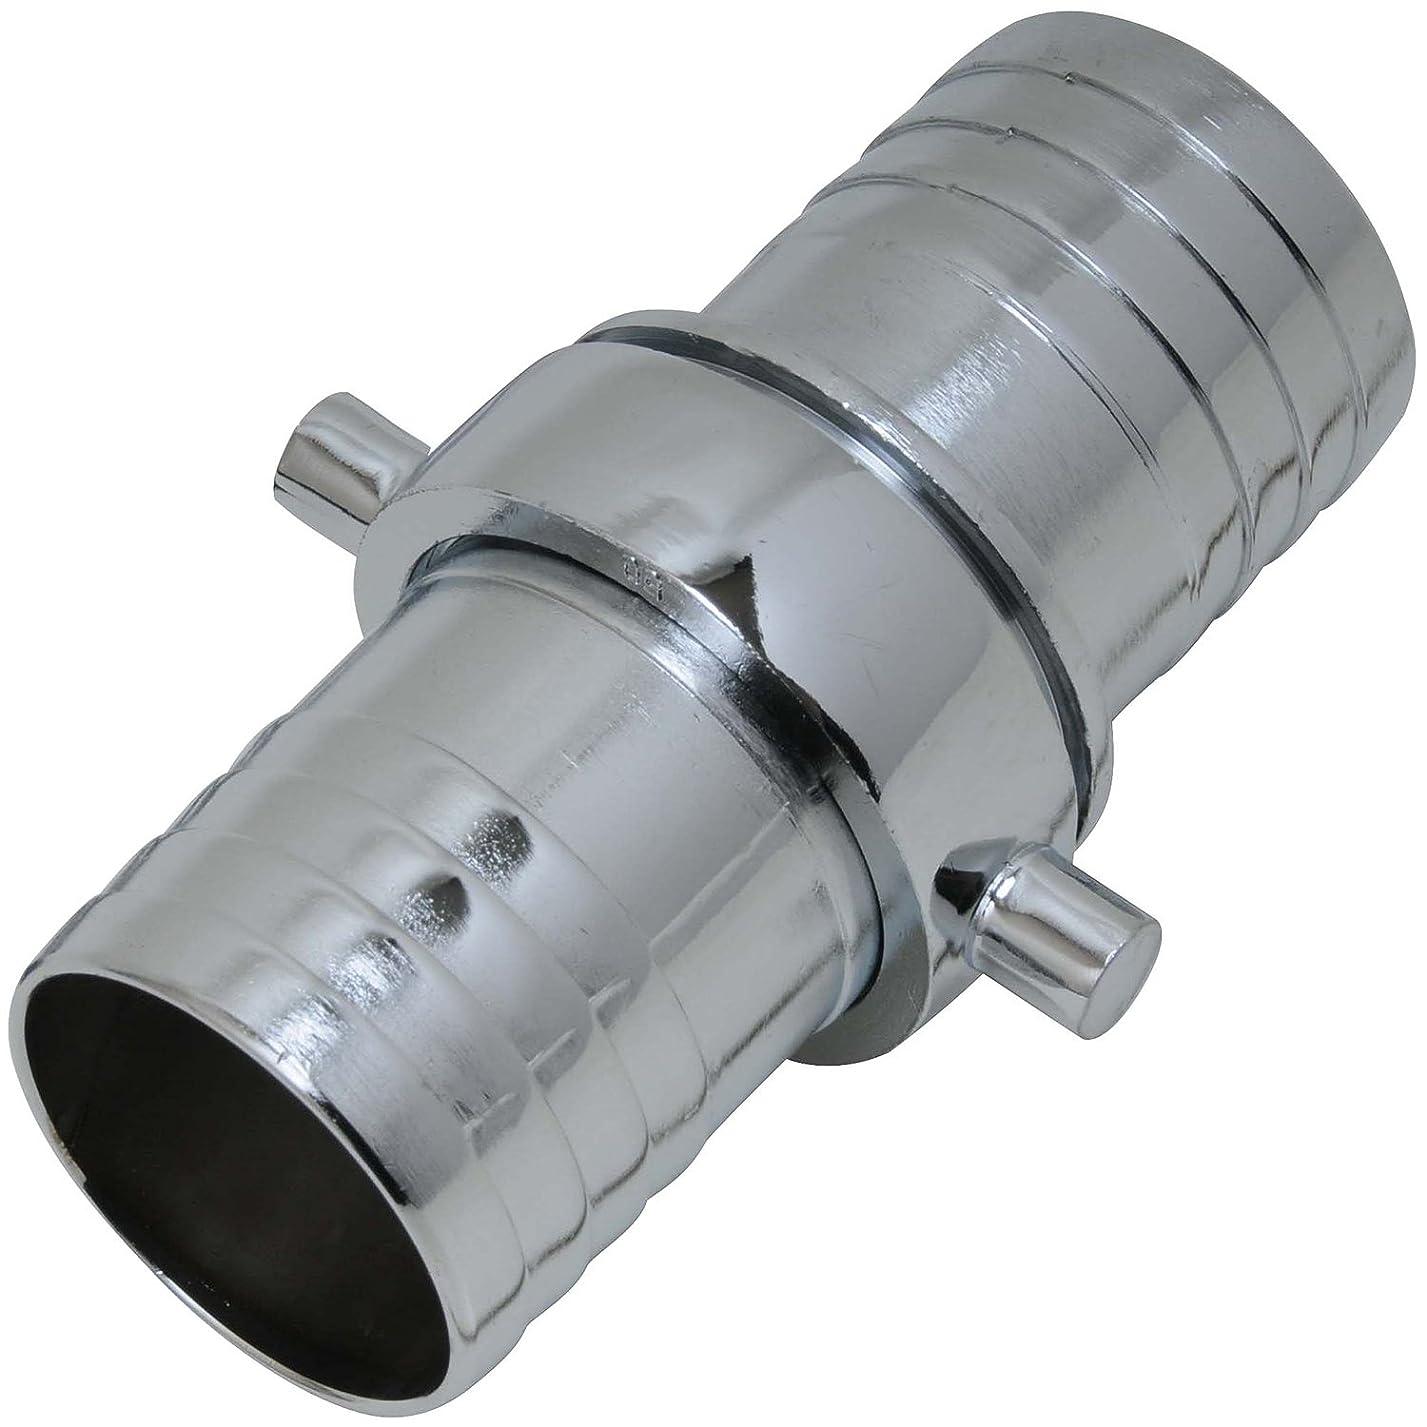 ゴール地区熱意セフティー3 ホースジョイント 金属製 50mm PE-50